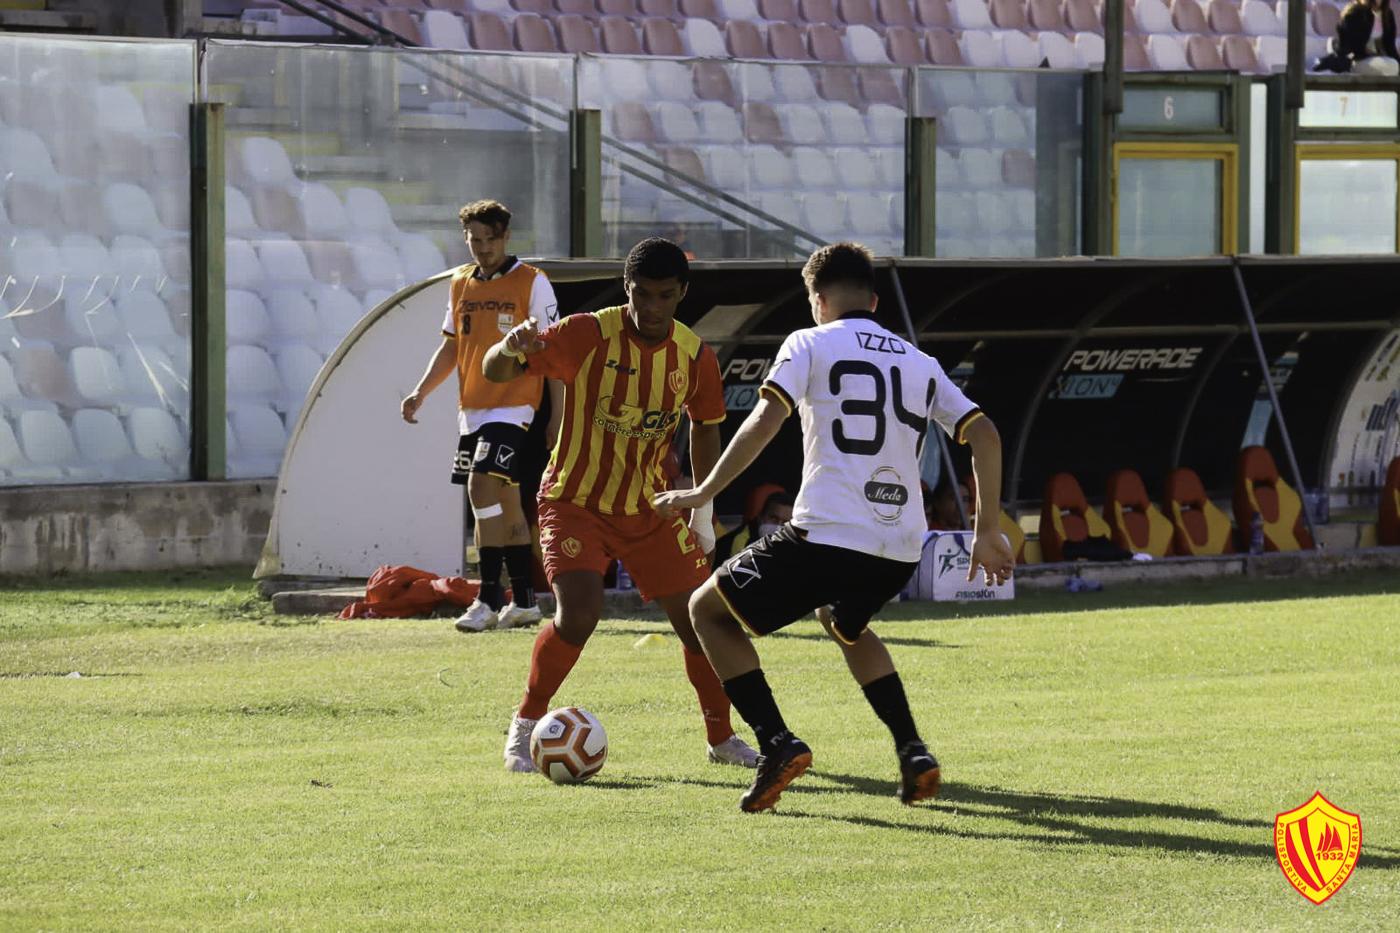 ACR Messina 0-0 Polisportiva Santa Maria, la sintesi